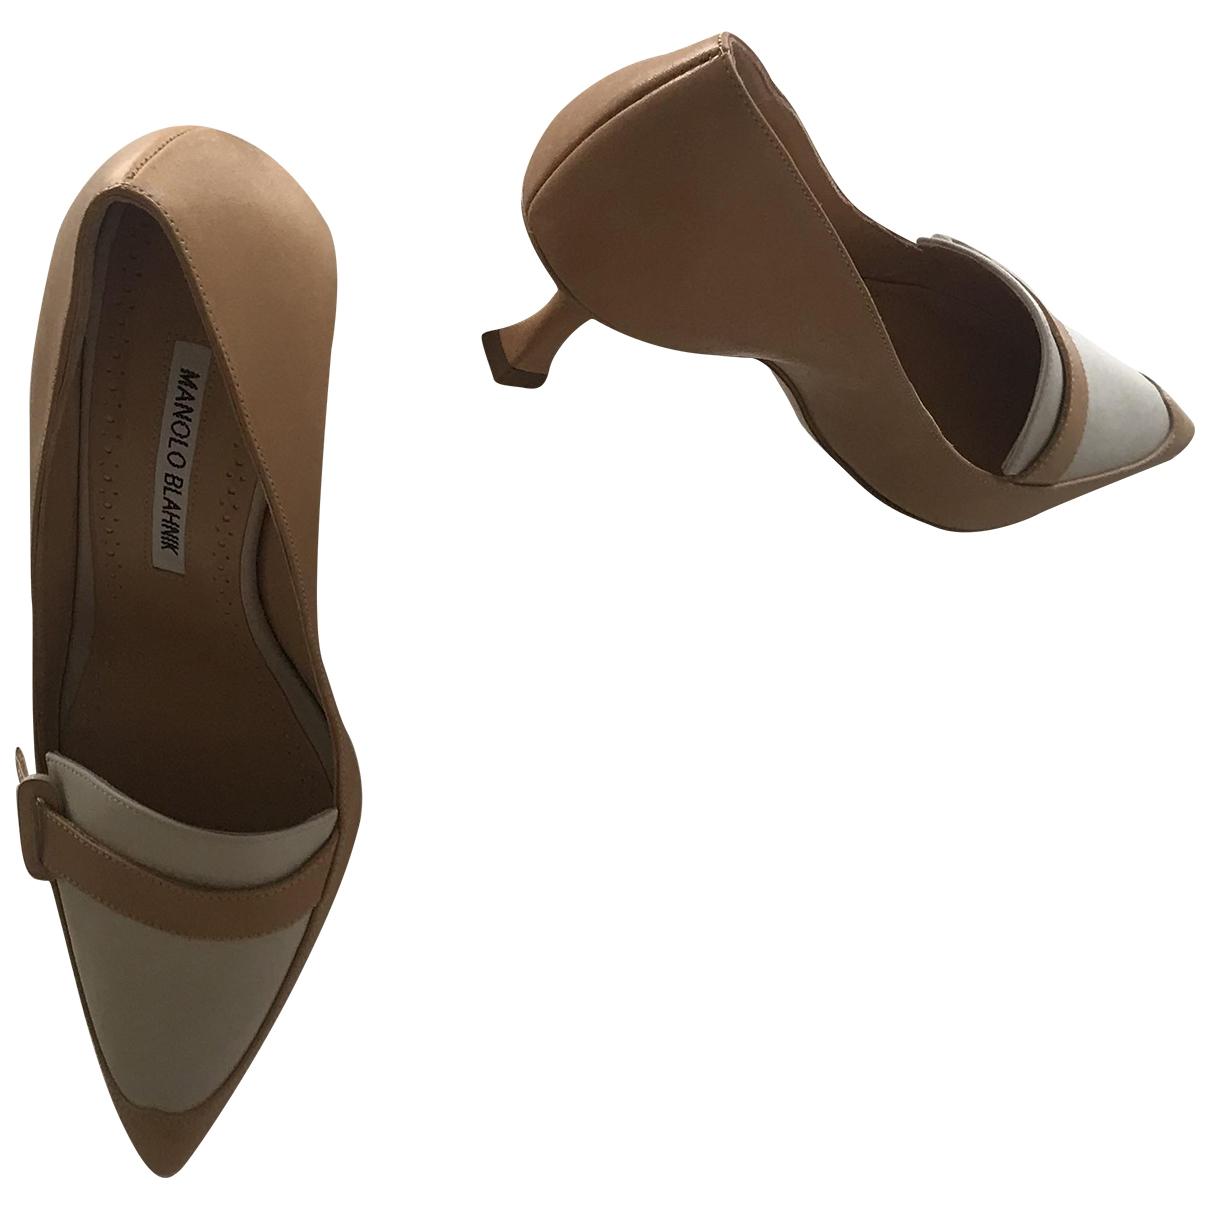 Manolo Blahnik - Escarpins   pour femme en cuir - beige